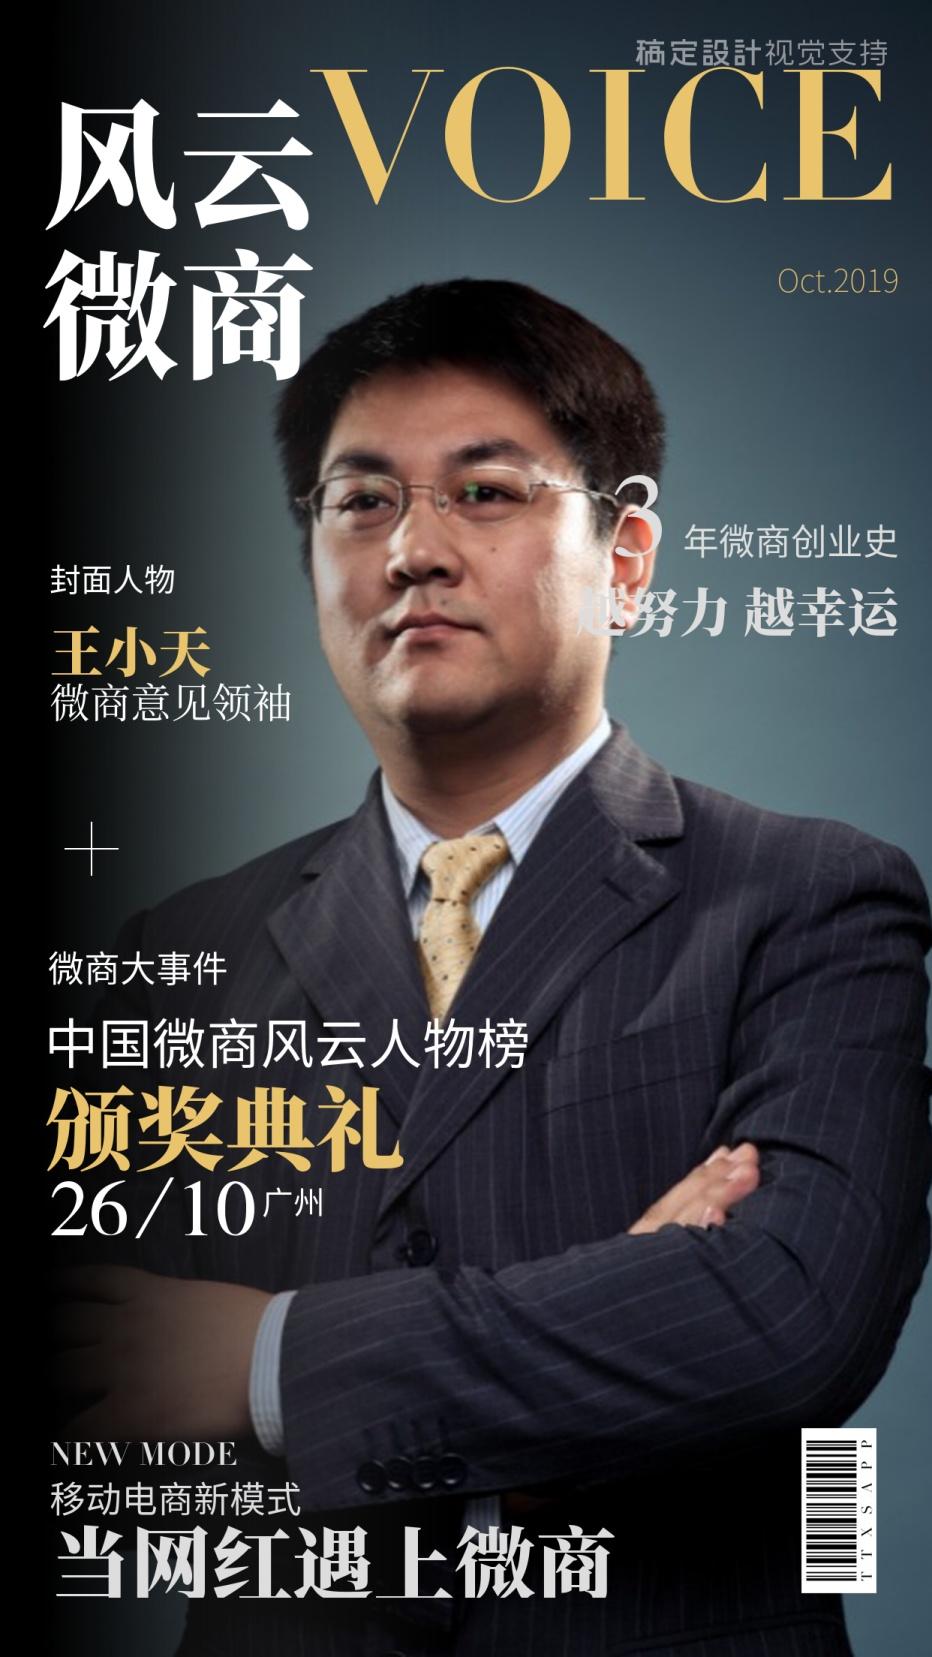 微商领袖杂志风社交名片